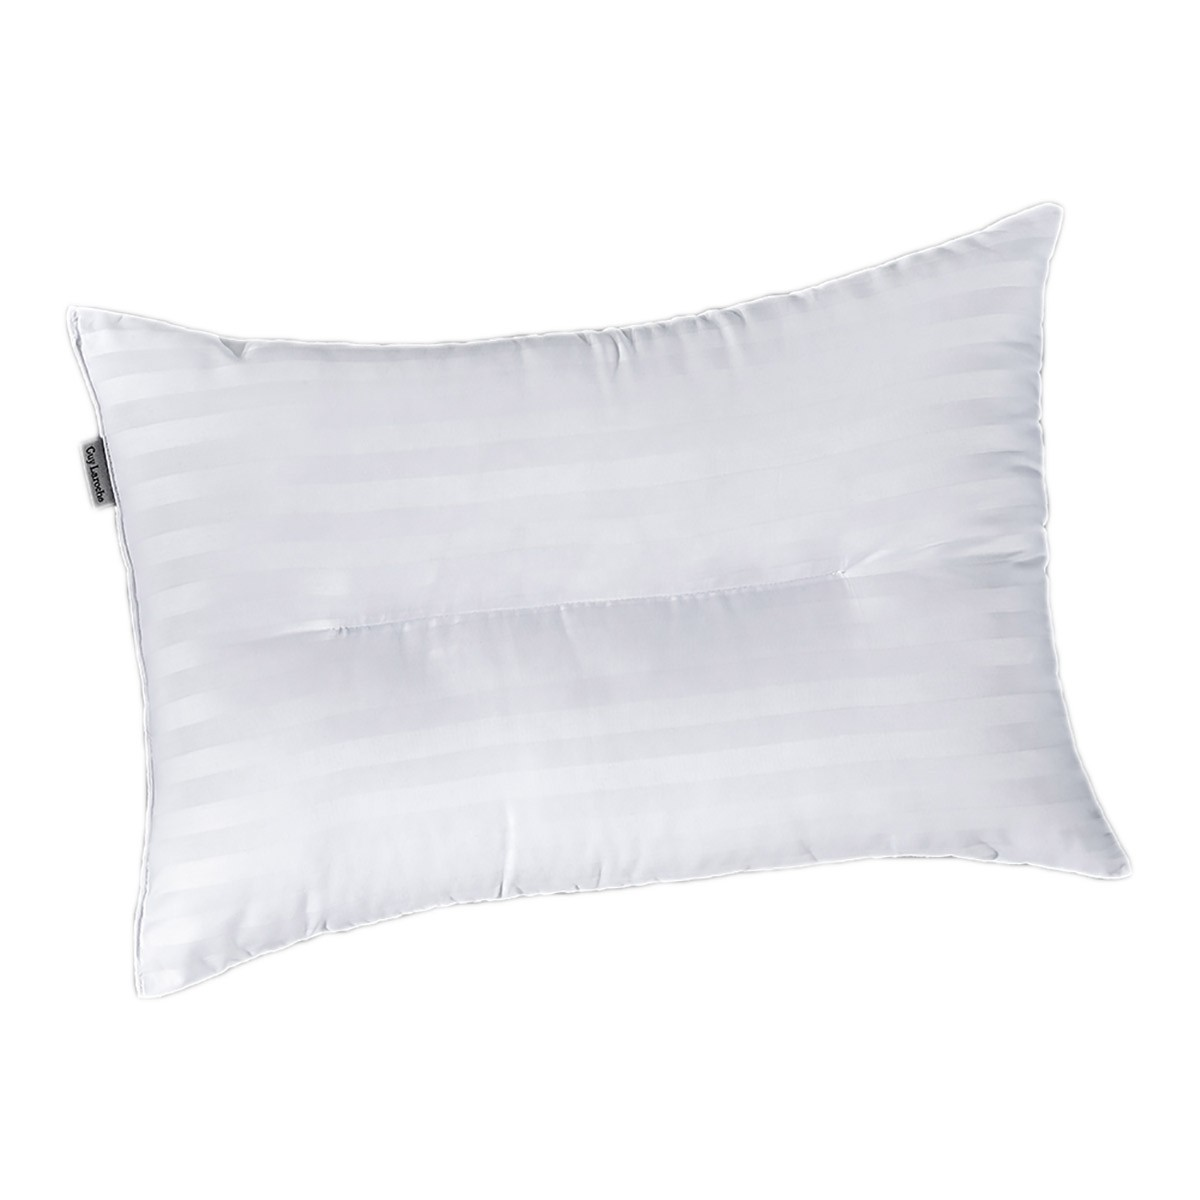 Μαξιλάρι Ύπνου Ανατομικό White Guy Laroche 50Χ70